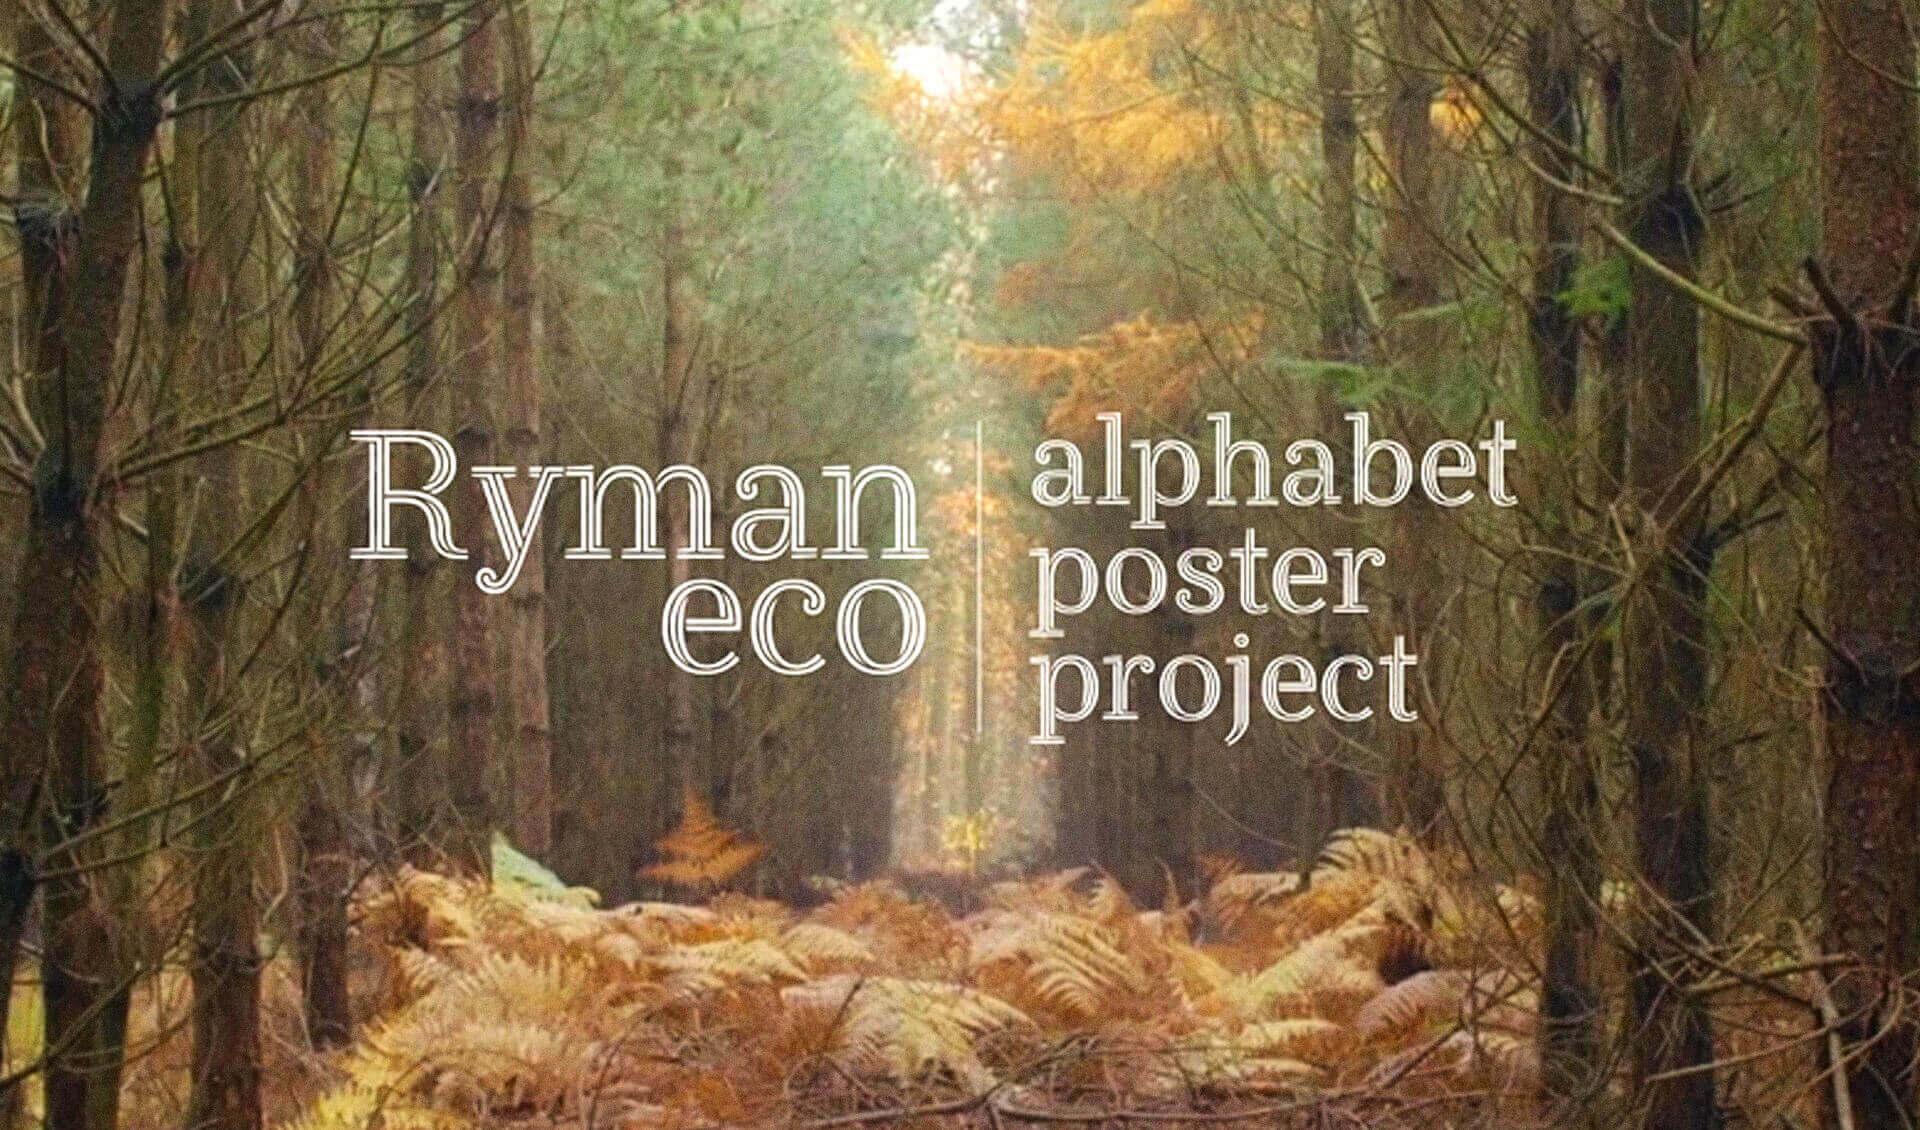 Presentation de la typographie ecologique Ryman Eco